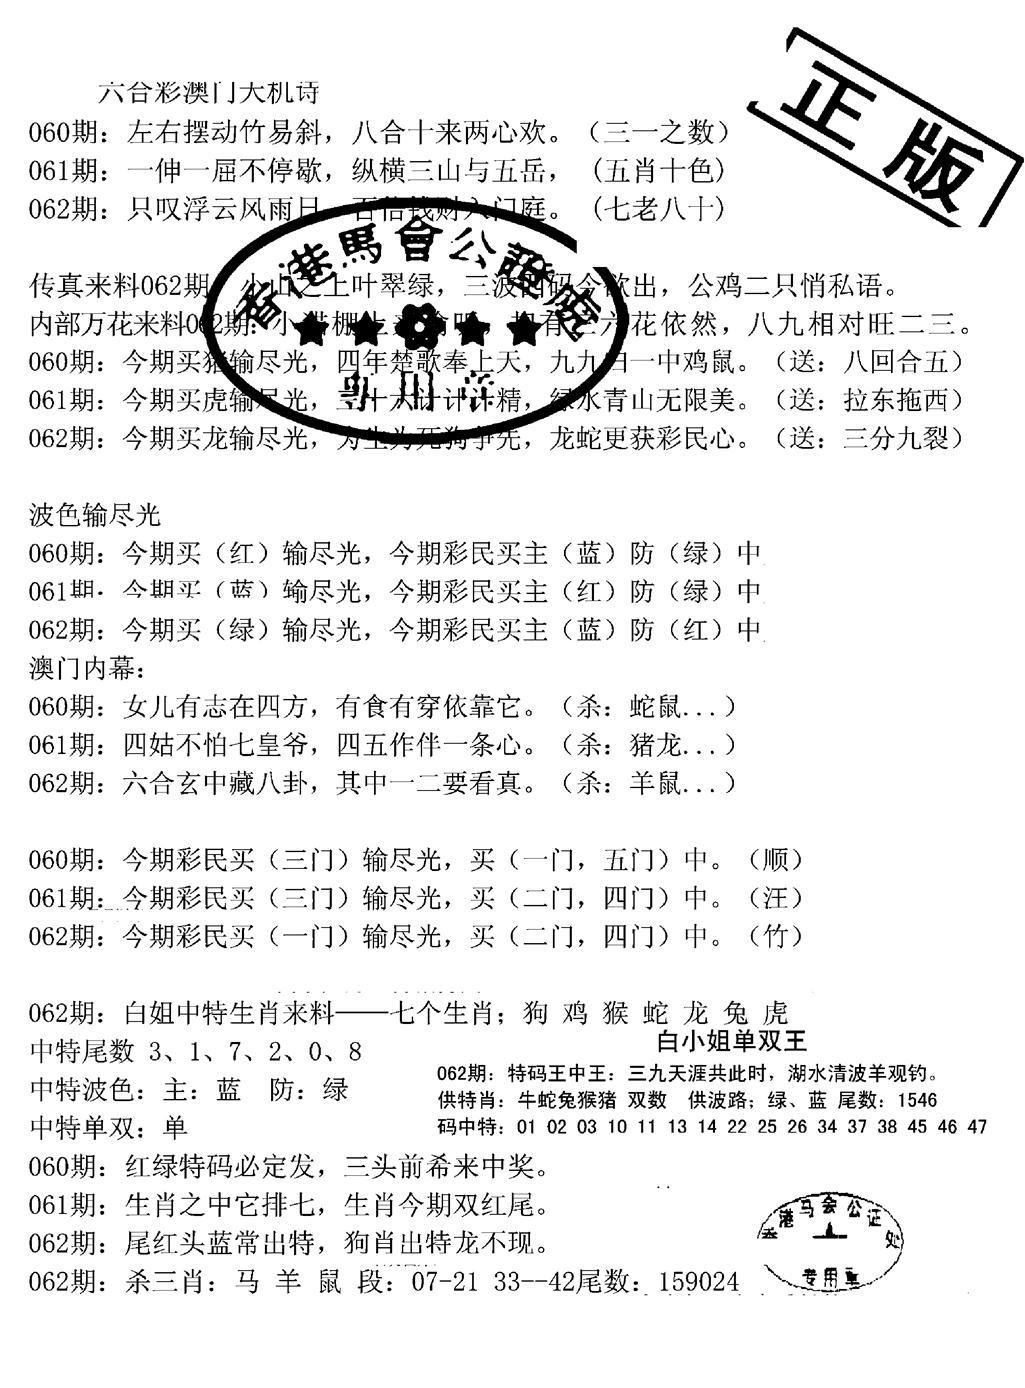 062期深圳特区报B(黑白)